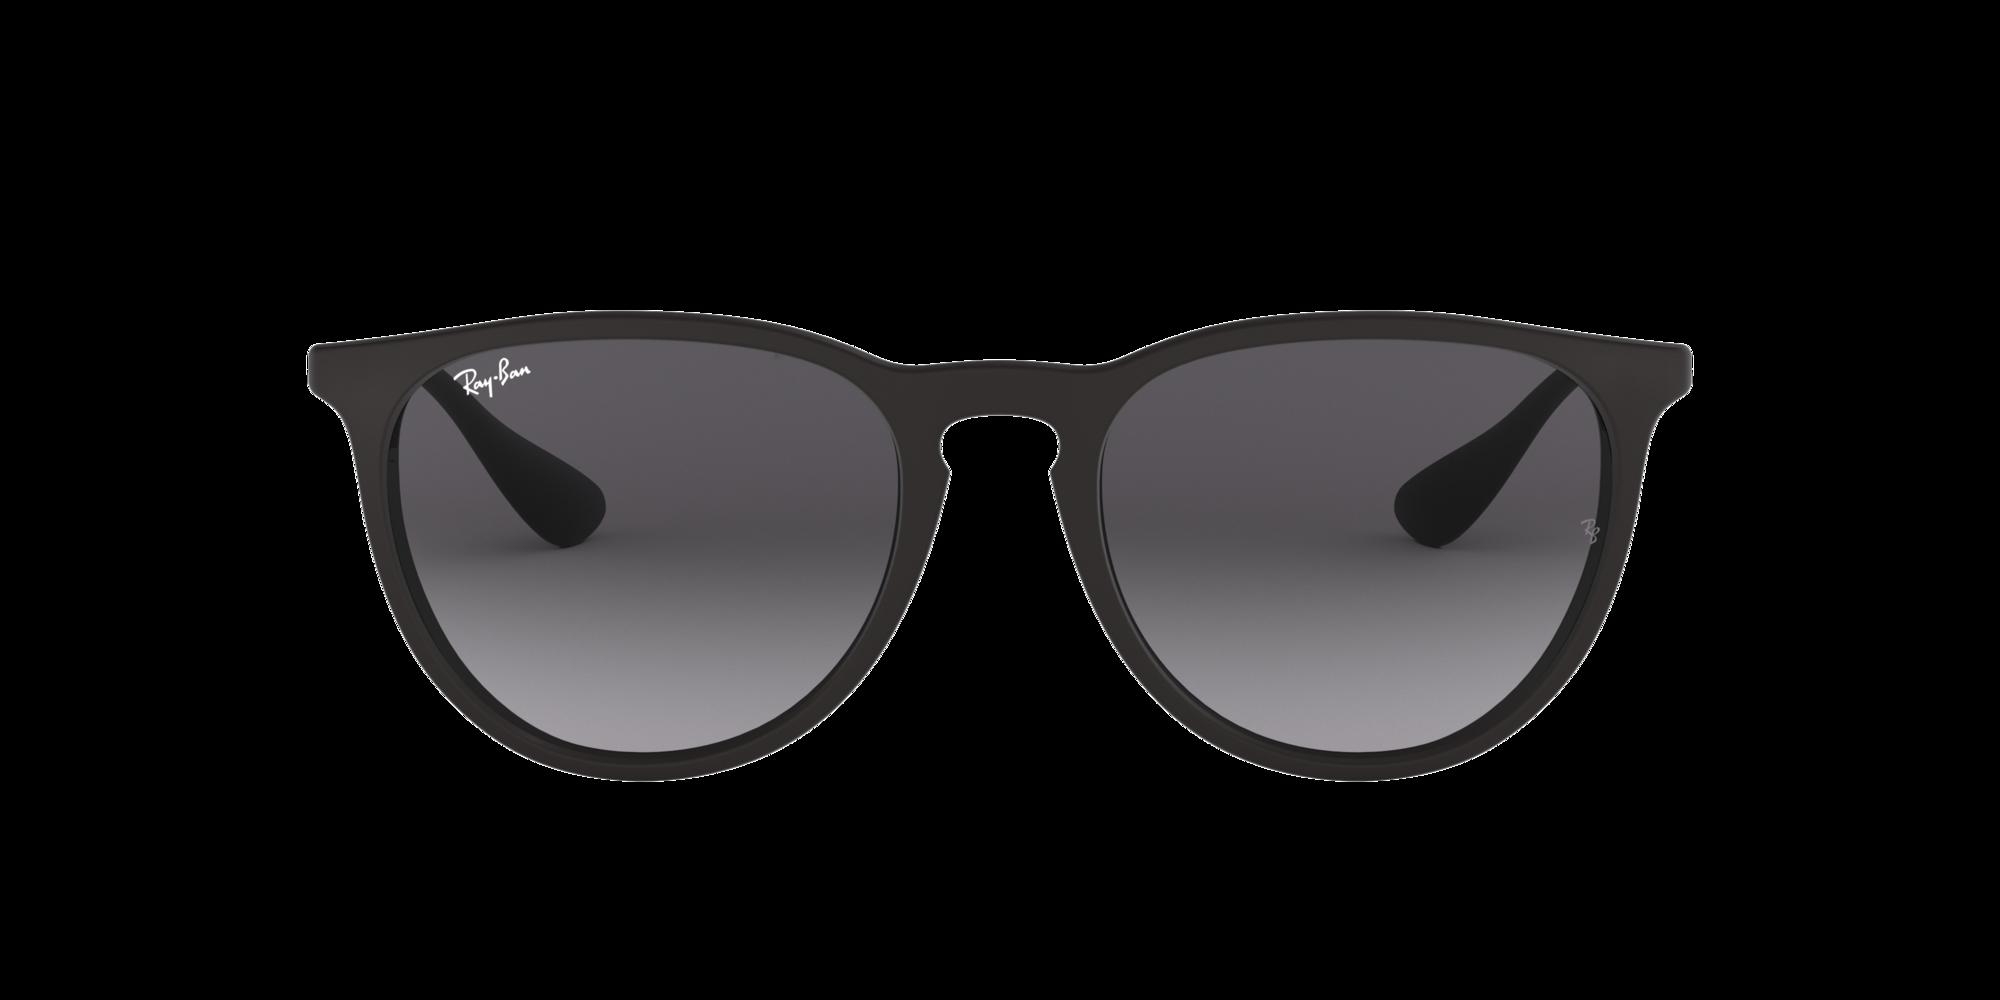 Imagen para RB4171 54 ERIKA de LensCrafters |  Espejuelos, espejuelos graduados en línea, gafas